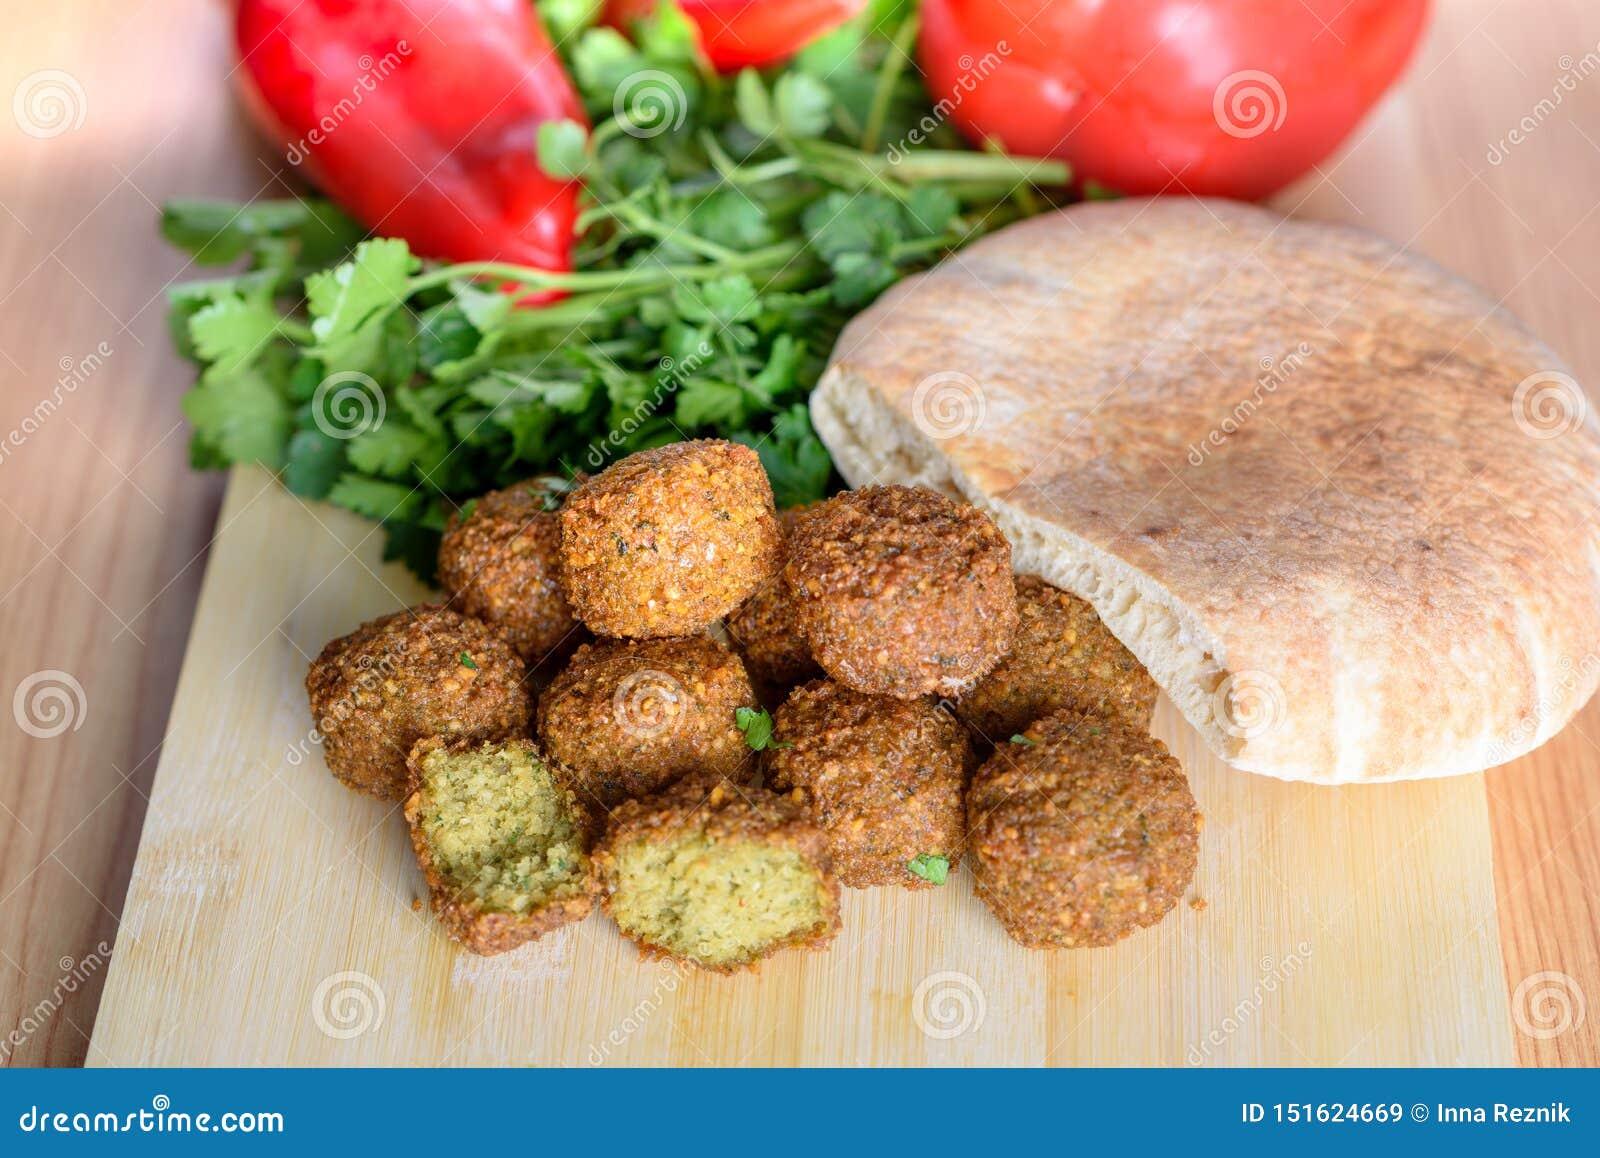 Palle del Falafel, peperone dolce, pane pita-arabo e prezzemolo fresco verde su fondo rustico di legno